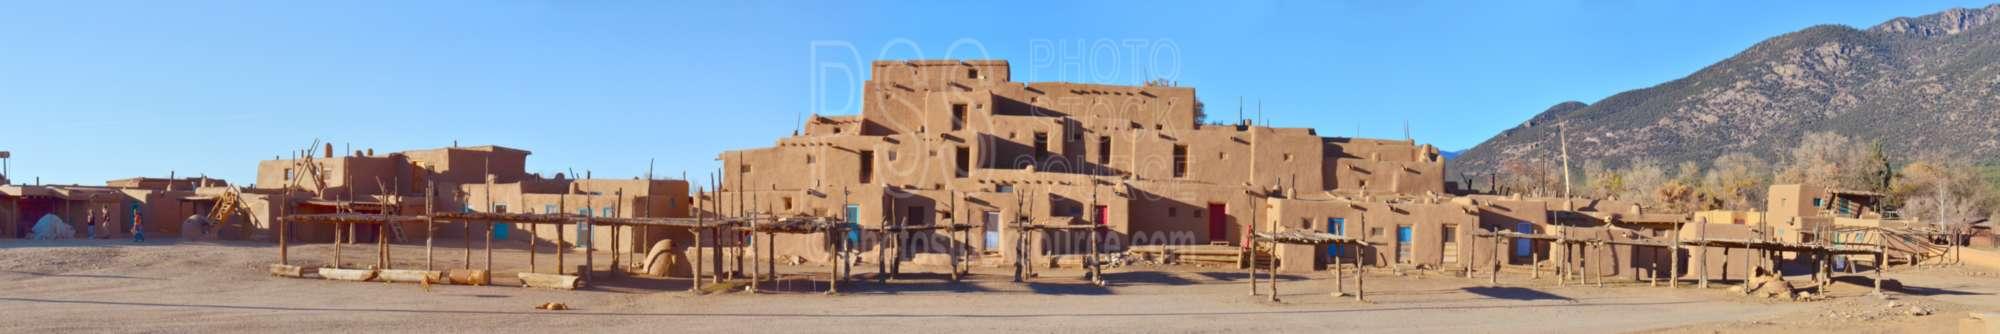 Taos Pueblo Adobe Buildings